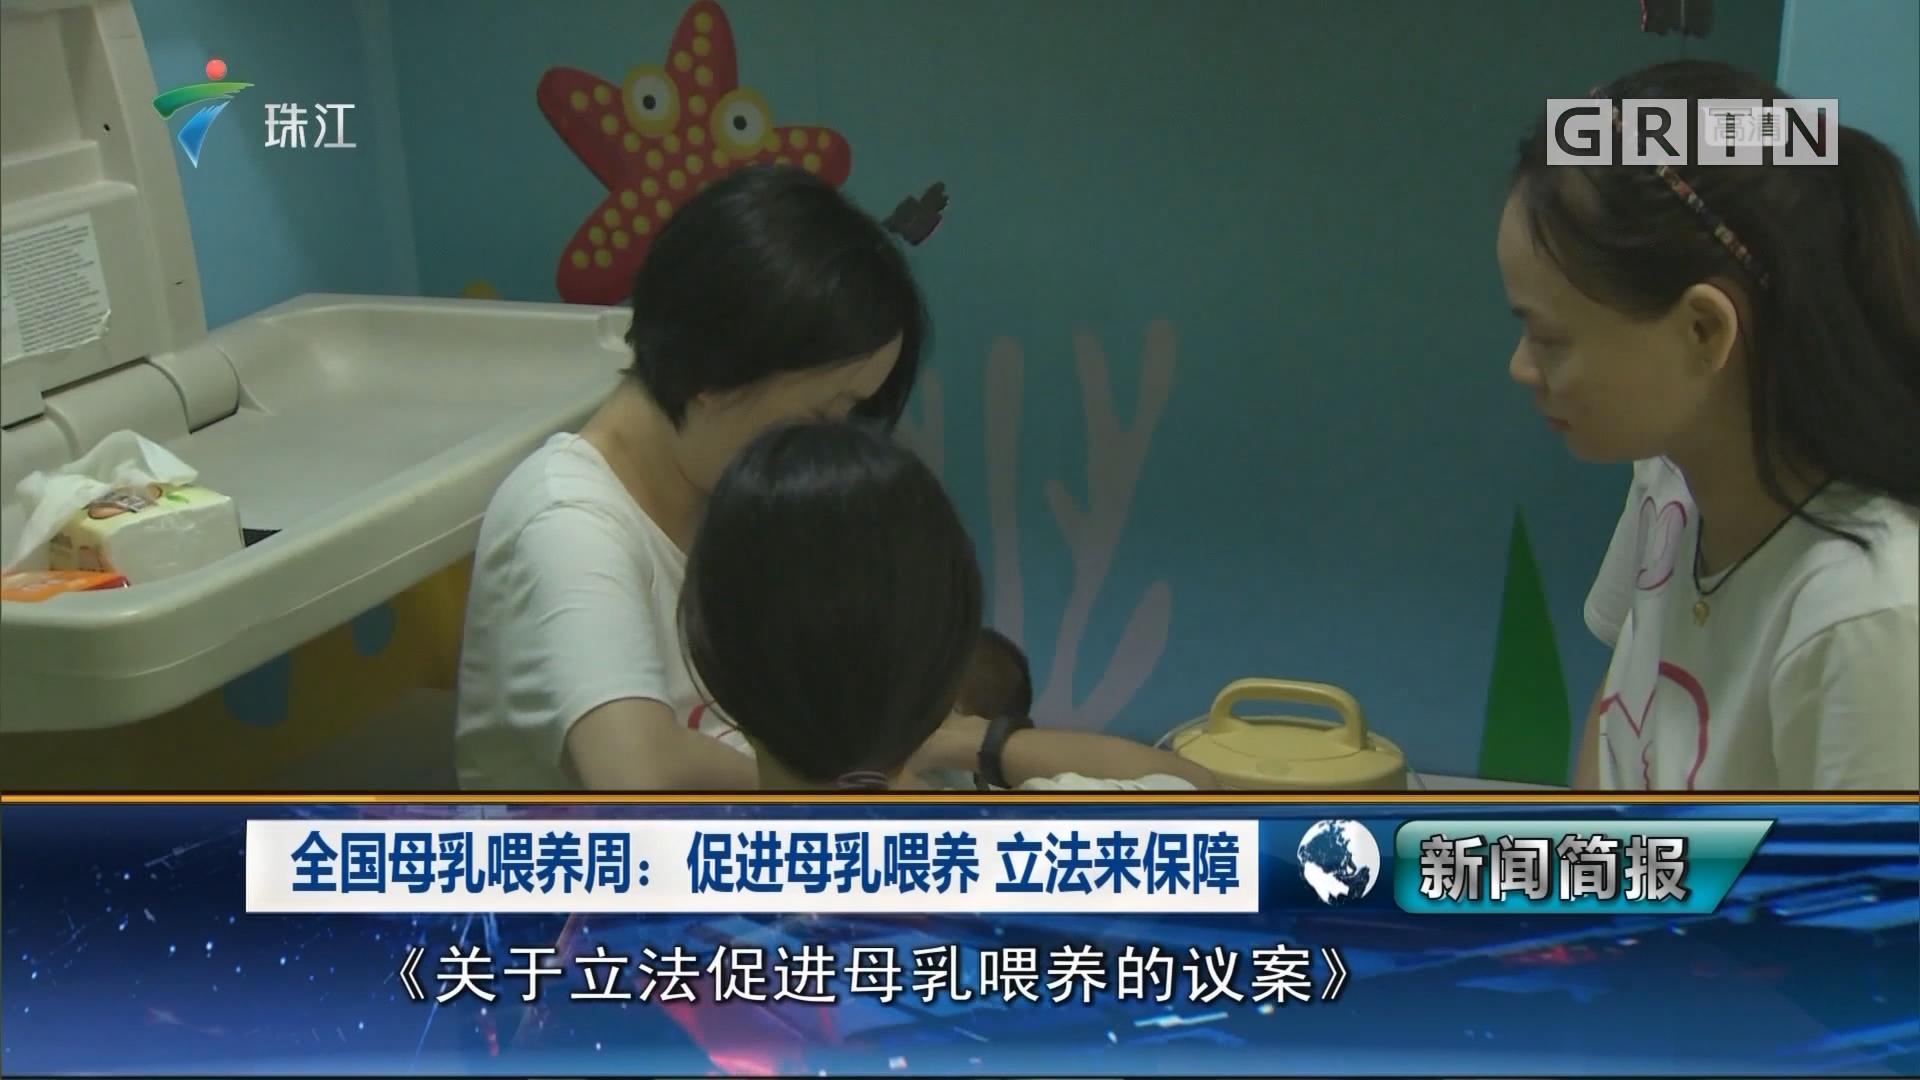 全国母乳喂养周:促进母乳喂养 立法来保障